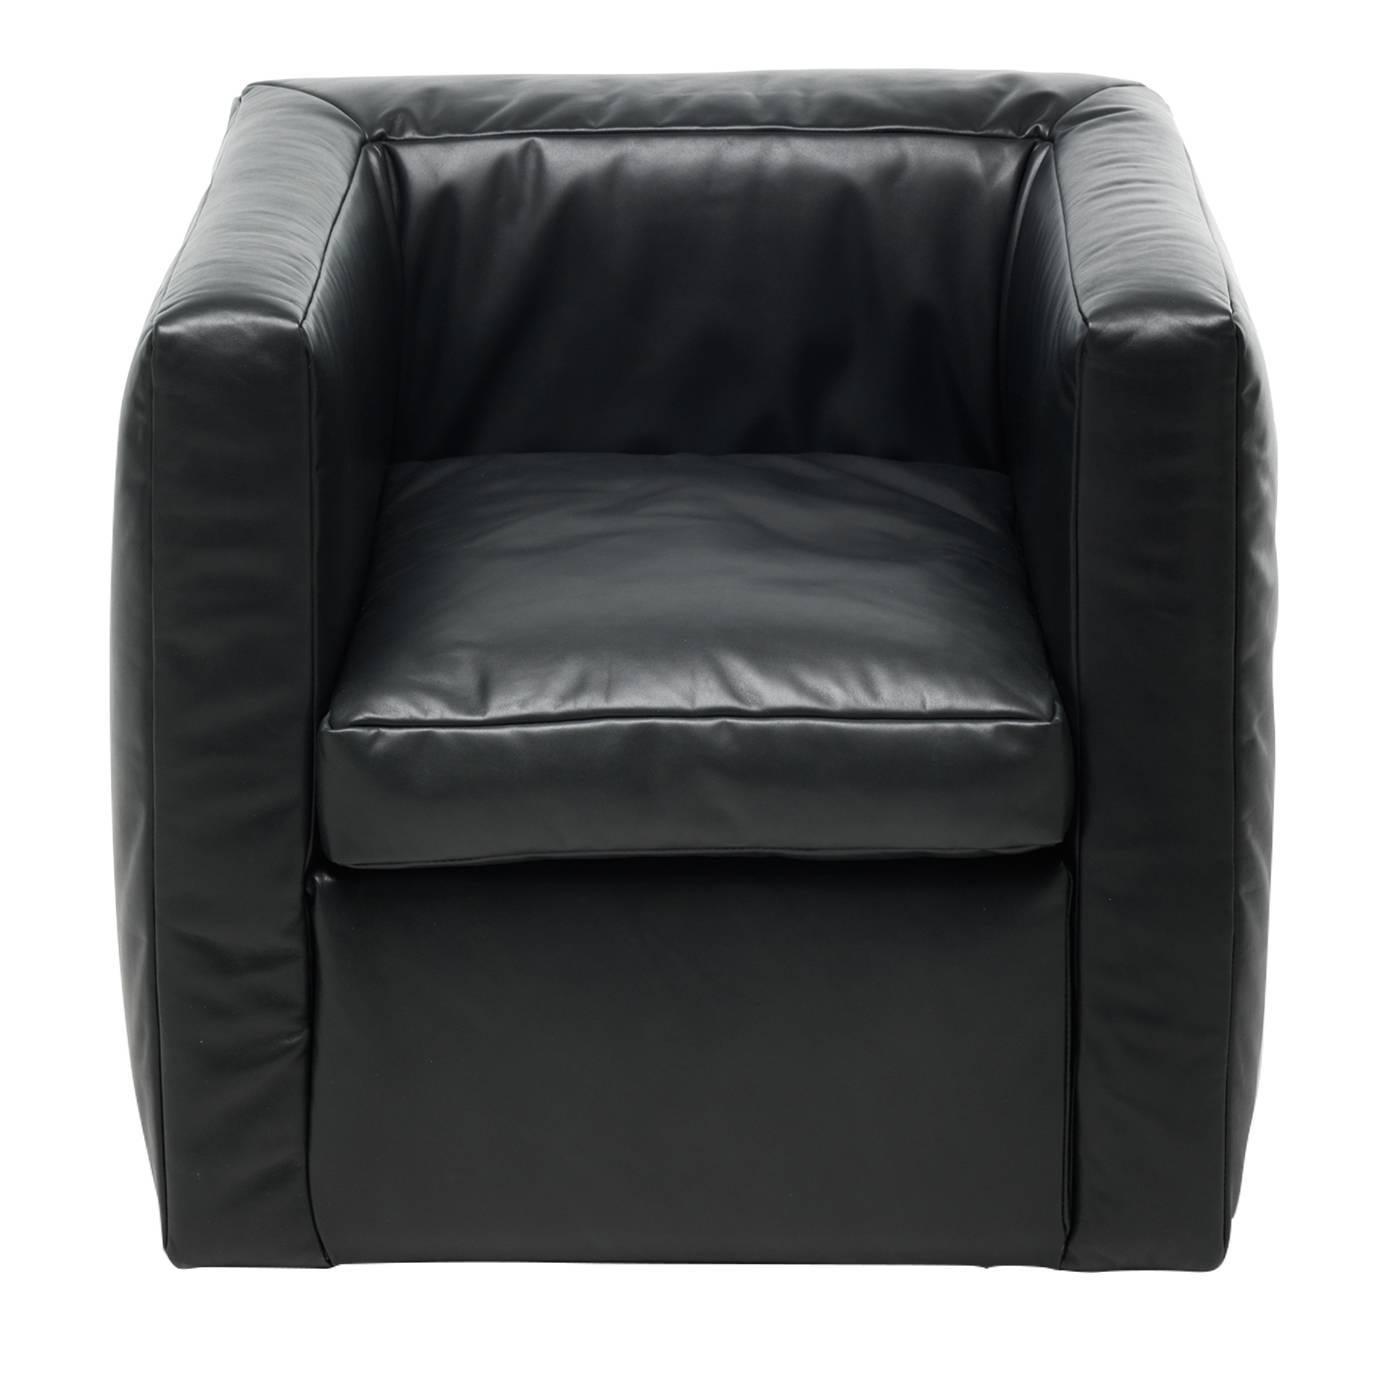 Superb Little Big Bubble Armchair For Sale